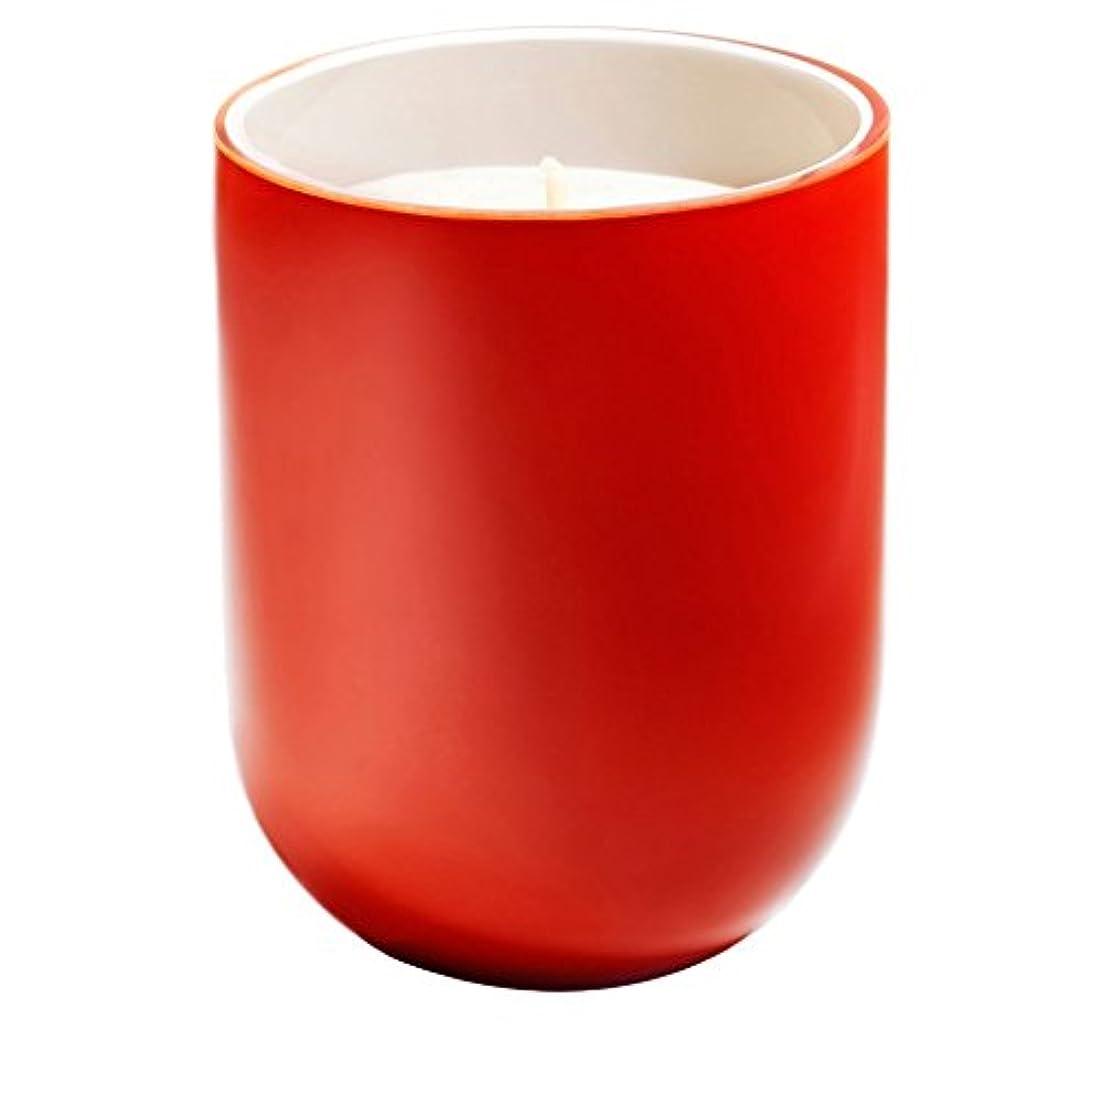 静的優雅な贅沢なフレデリック?マルプルミエ舞香りのキャンドル x6 - Frederic Malle 1er Mai Scented Candle (Pack of 6) [並行輸入品]